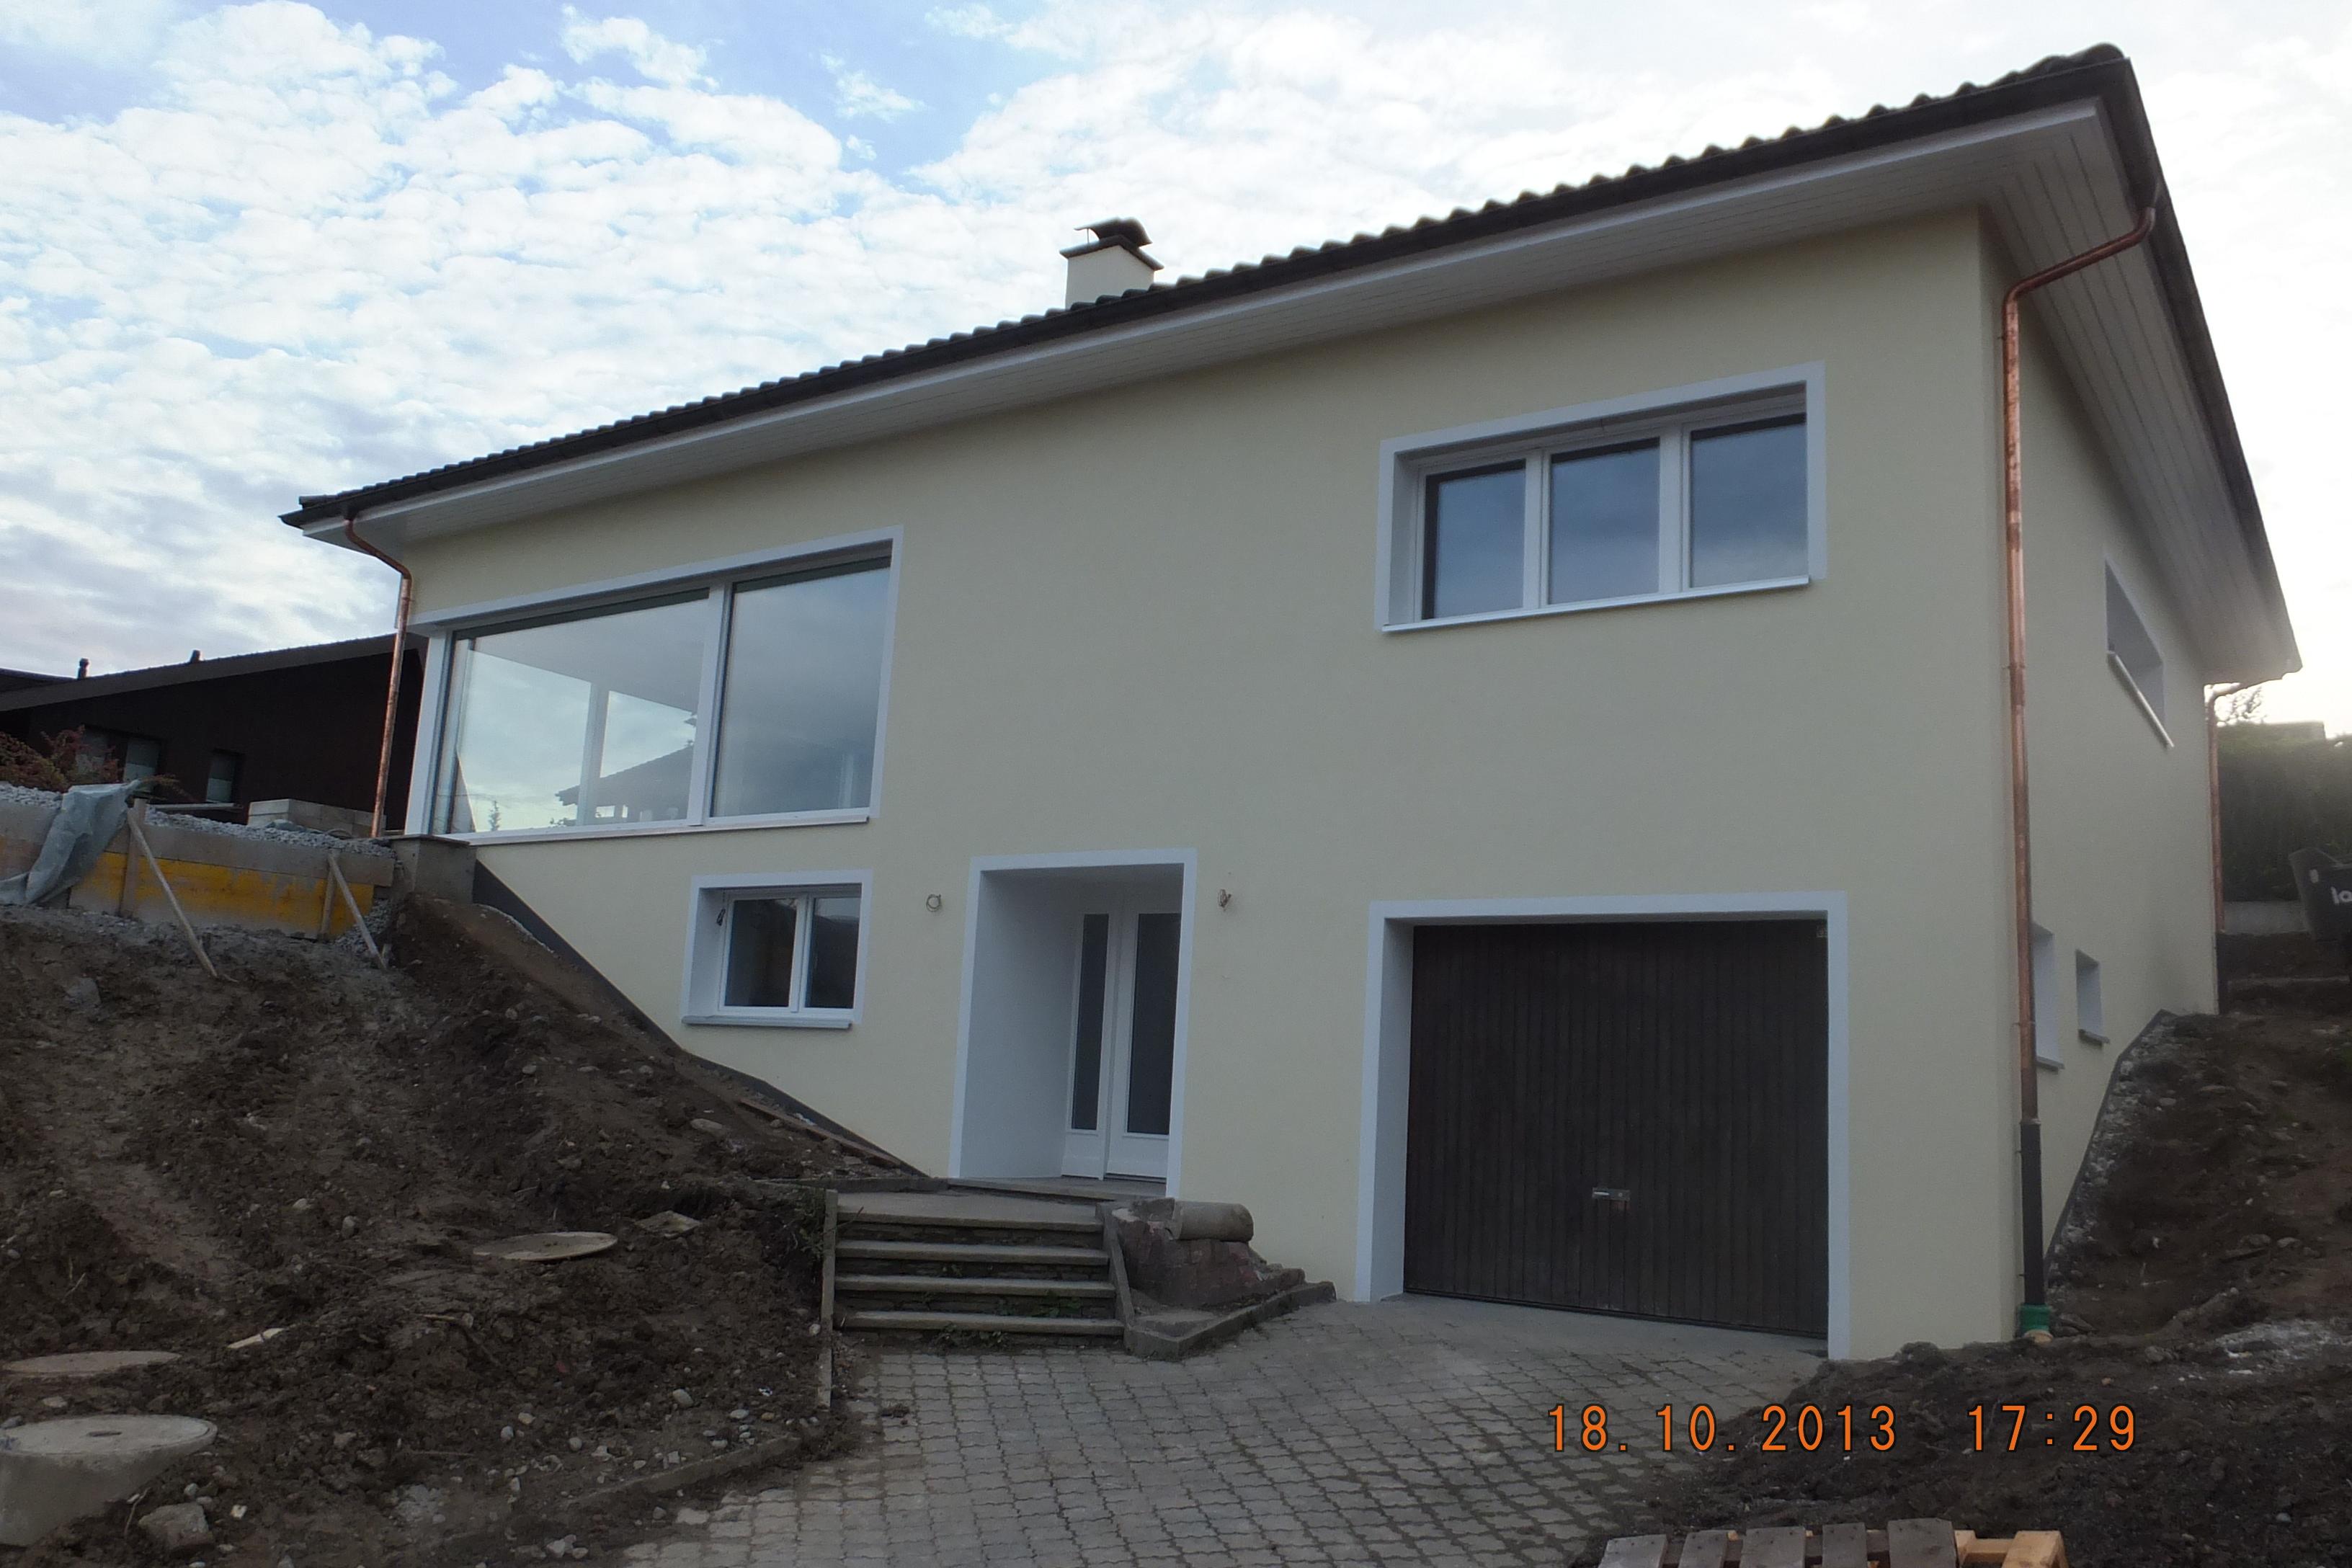 Bauteam Generalunternehmung GmbH